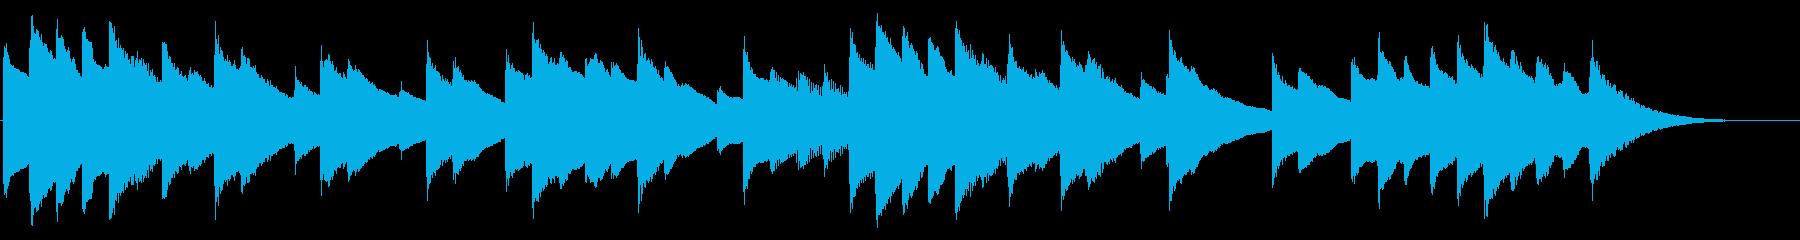 ショートver 夢の中 チェレスタの再生済みの波形